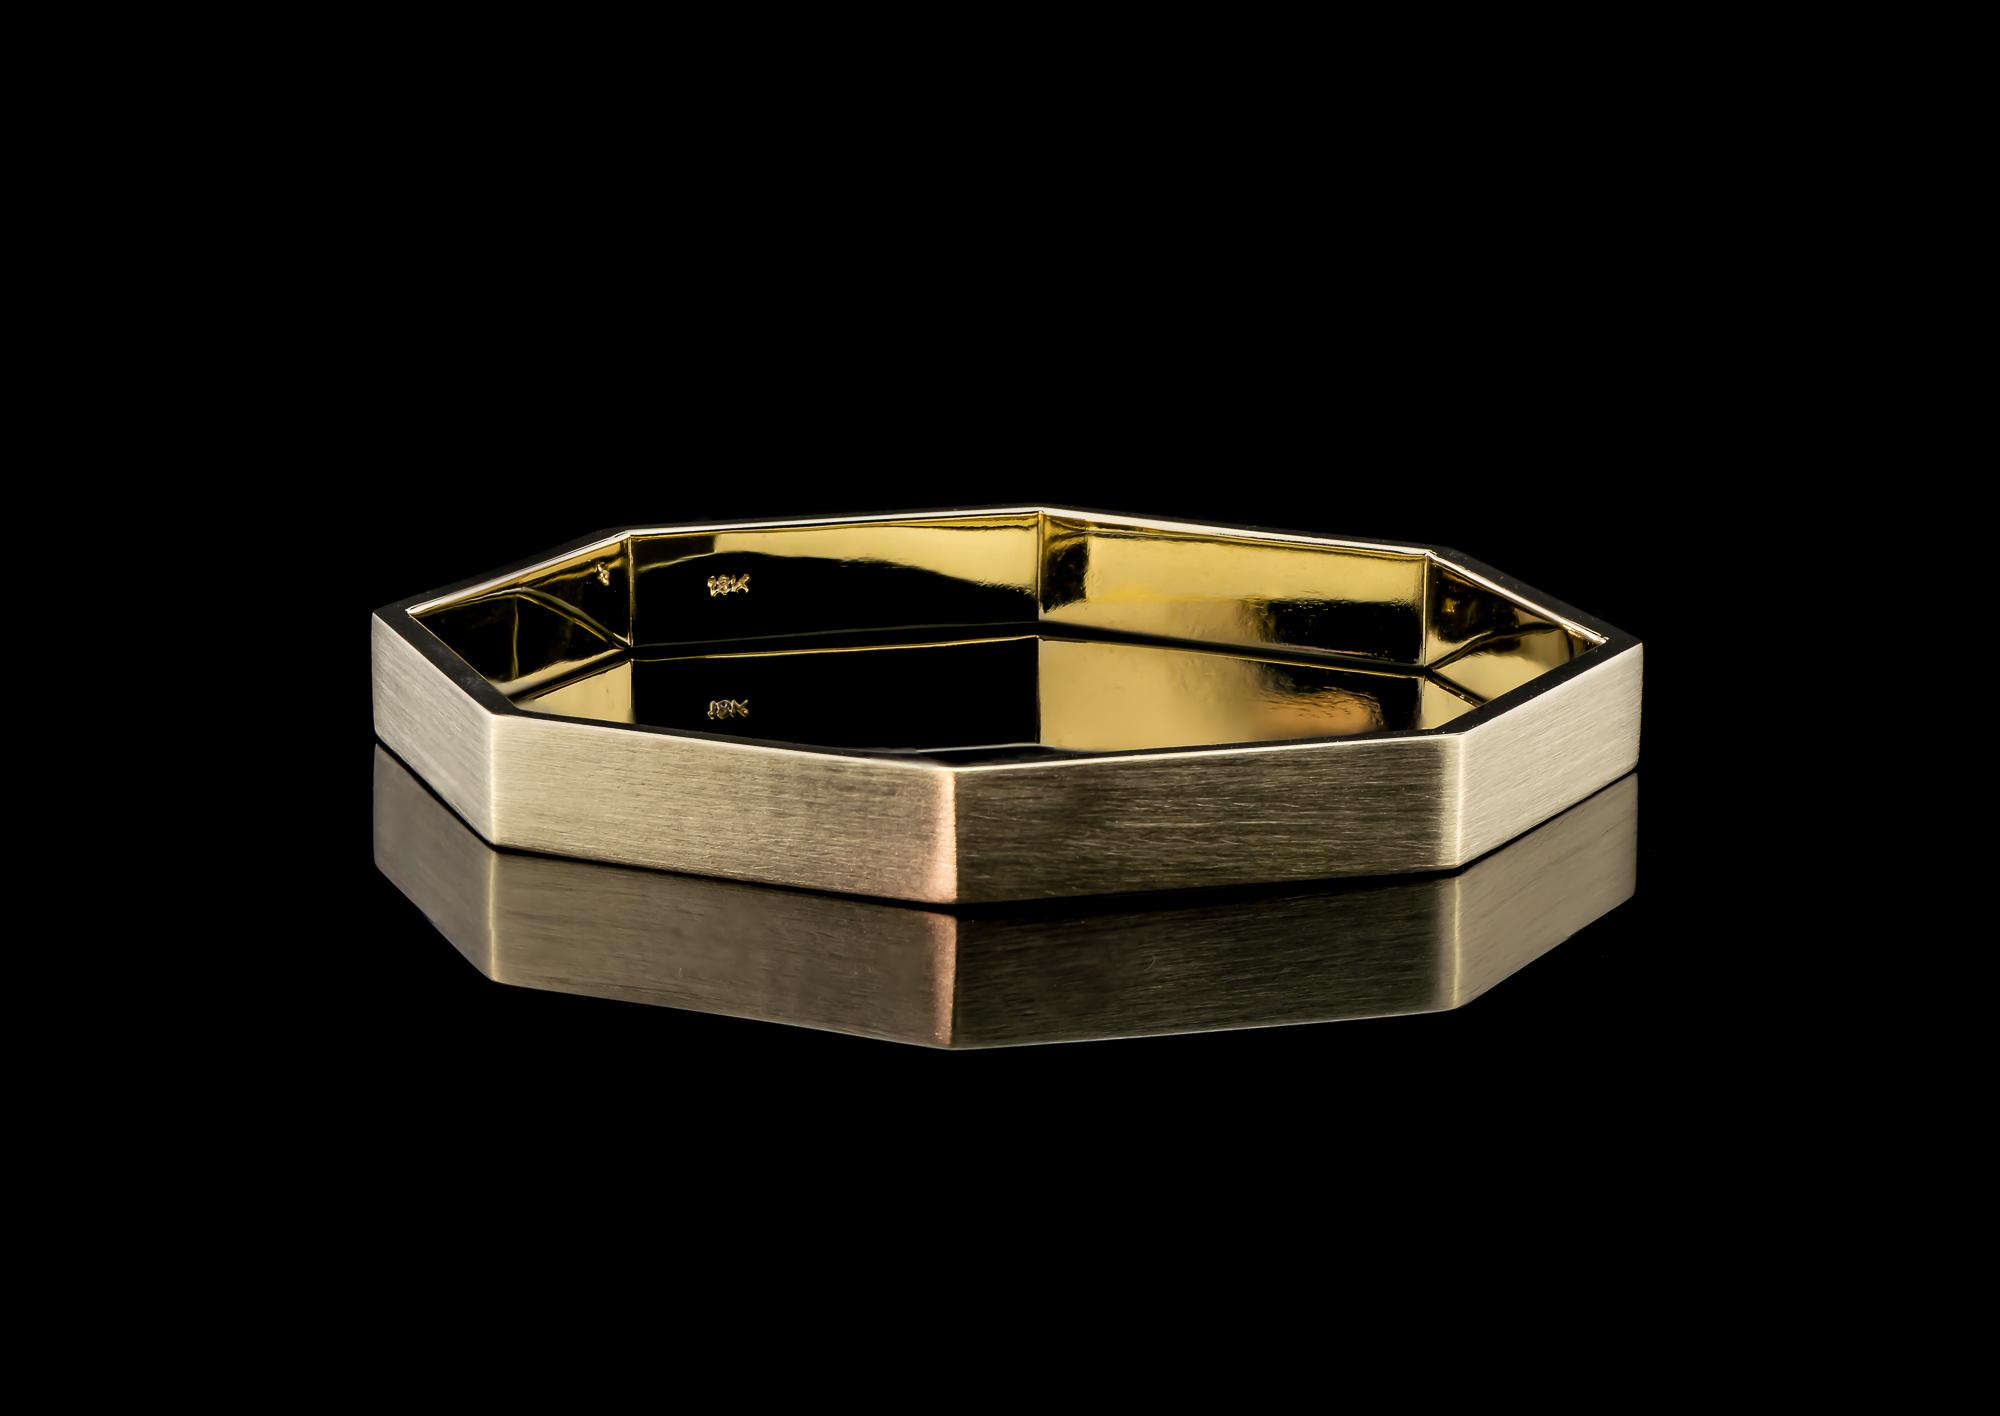 gold oct bracelet-1.JPG